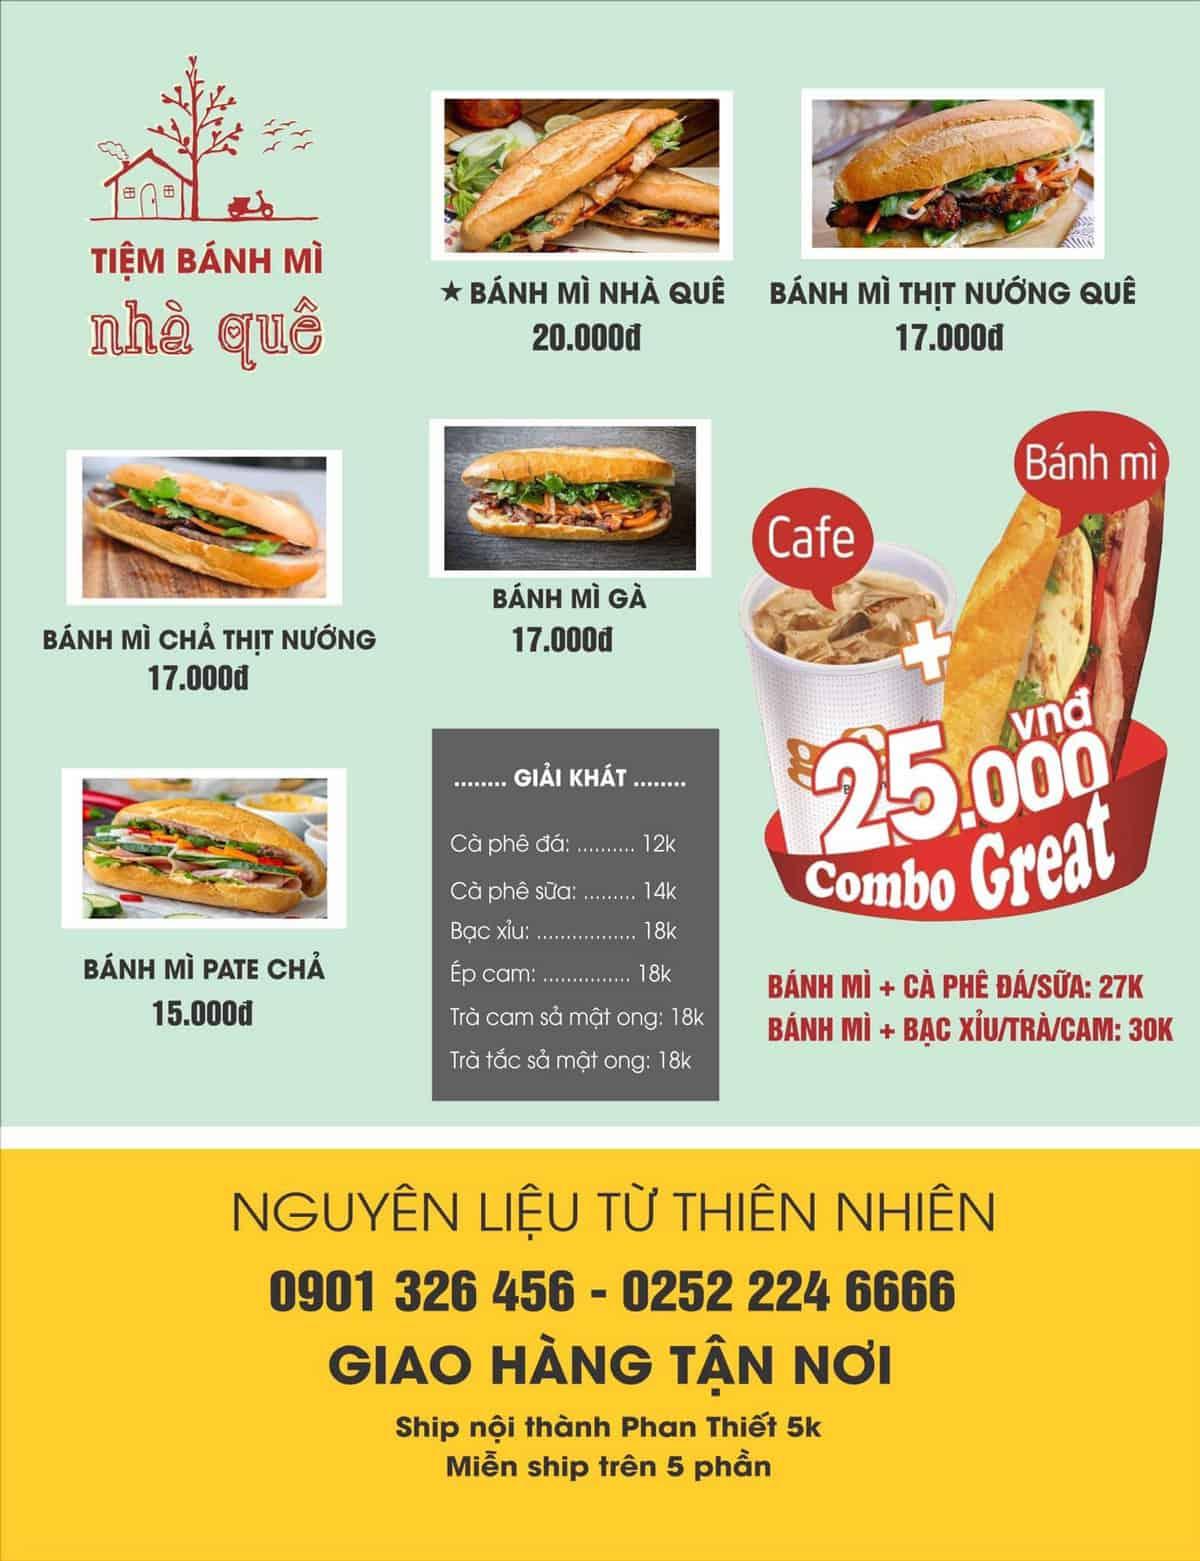 menu của bánh mì nhà quê